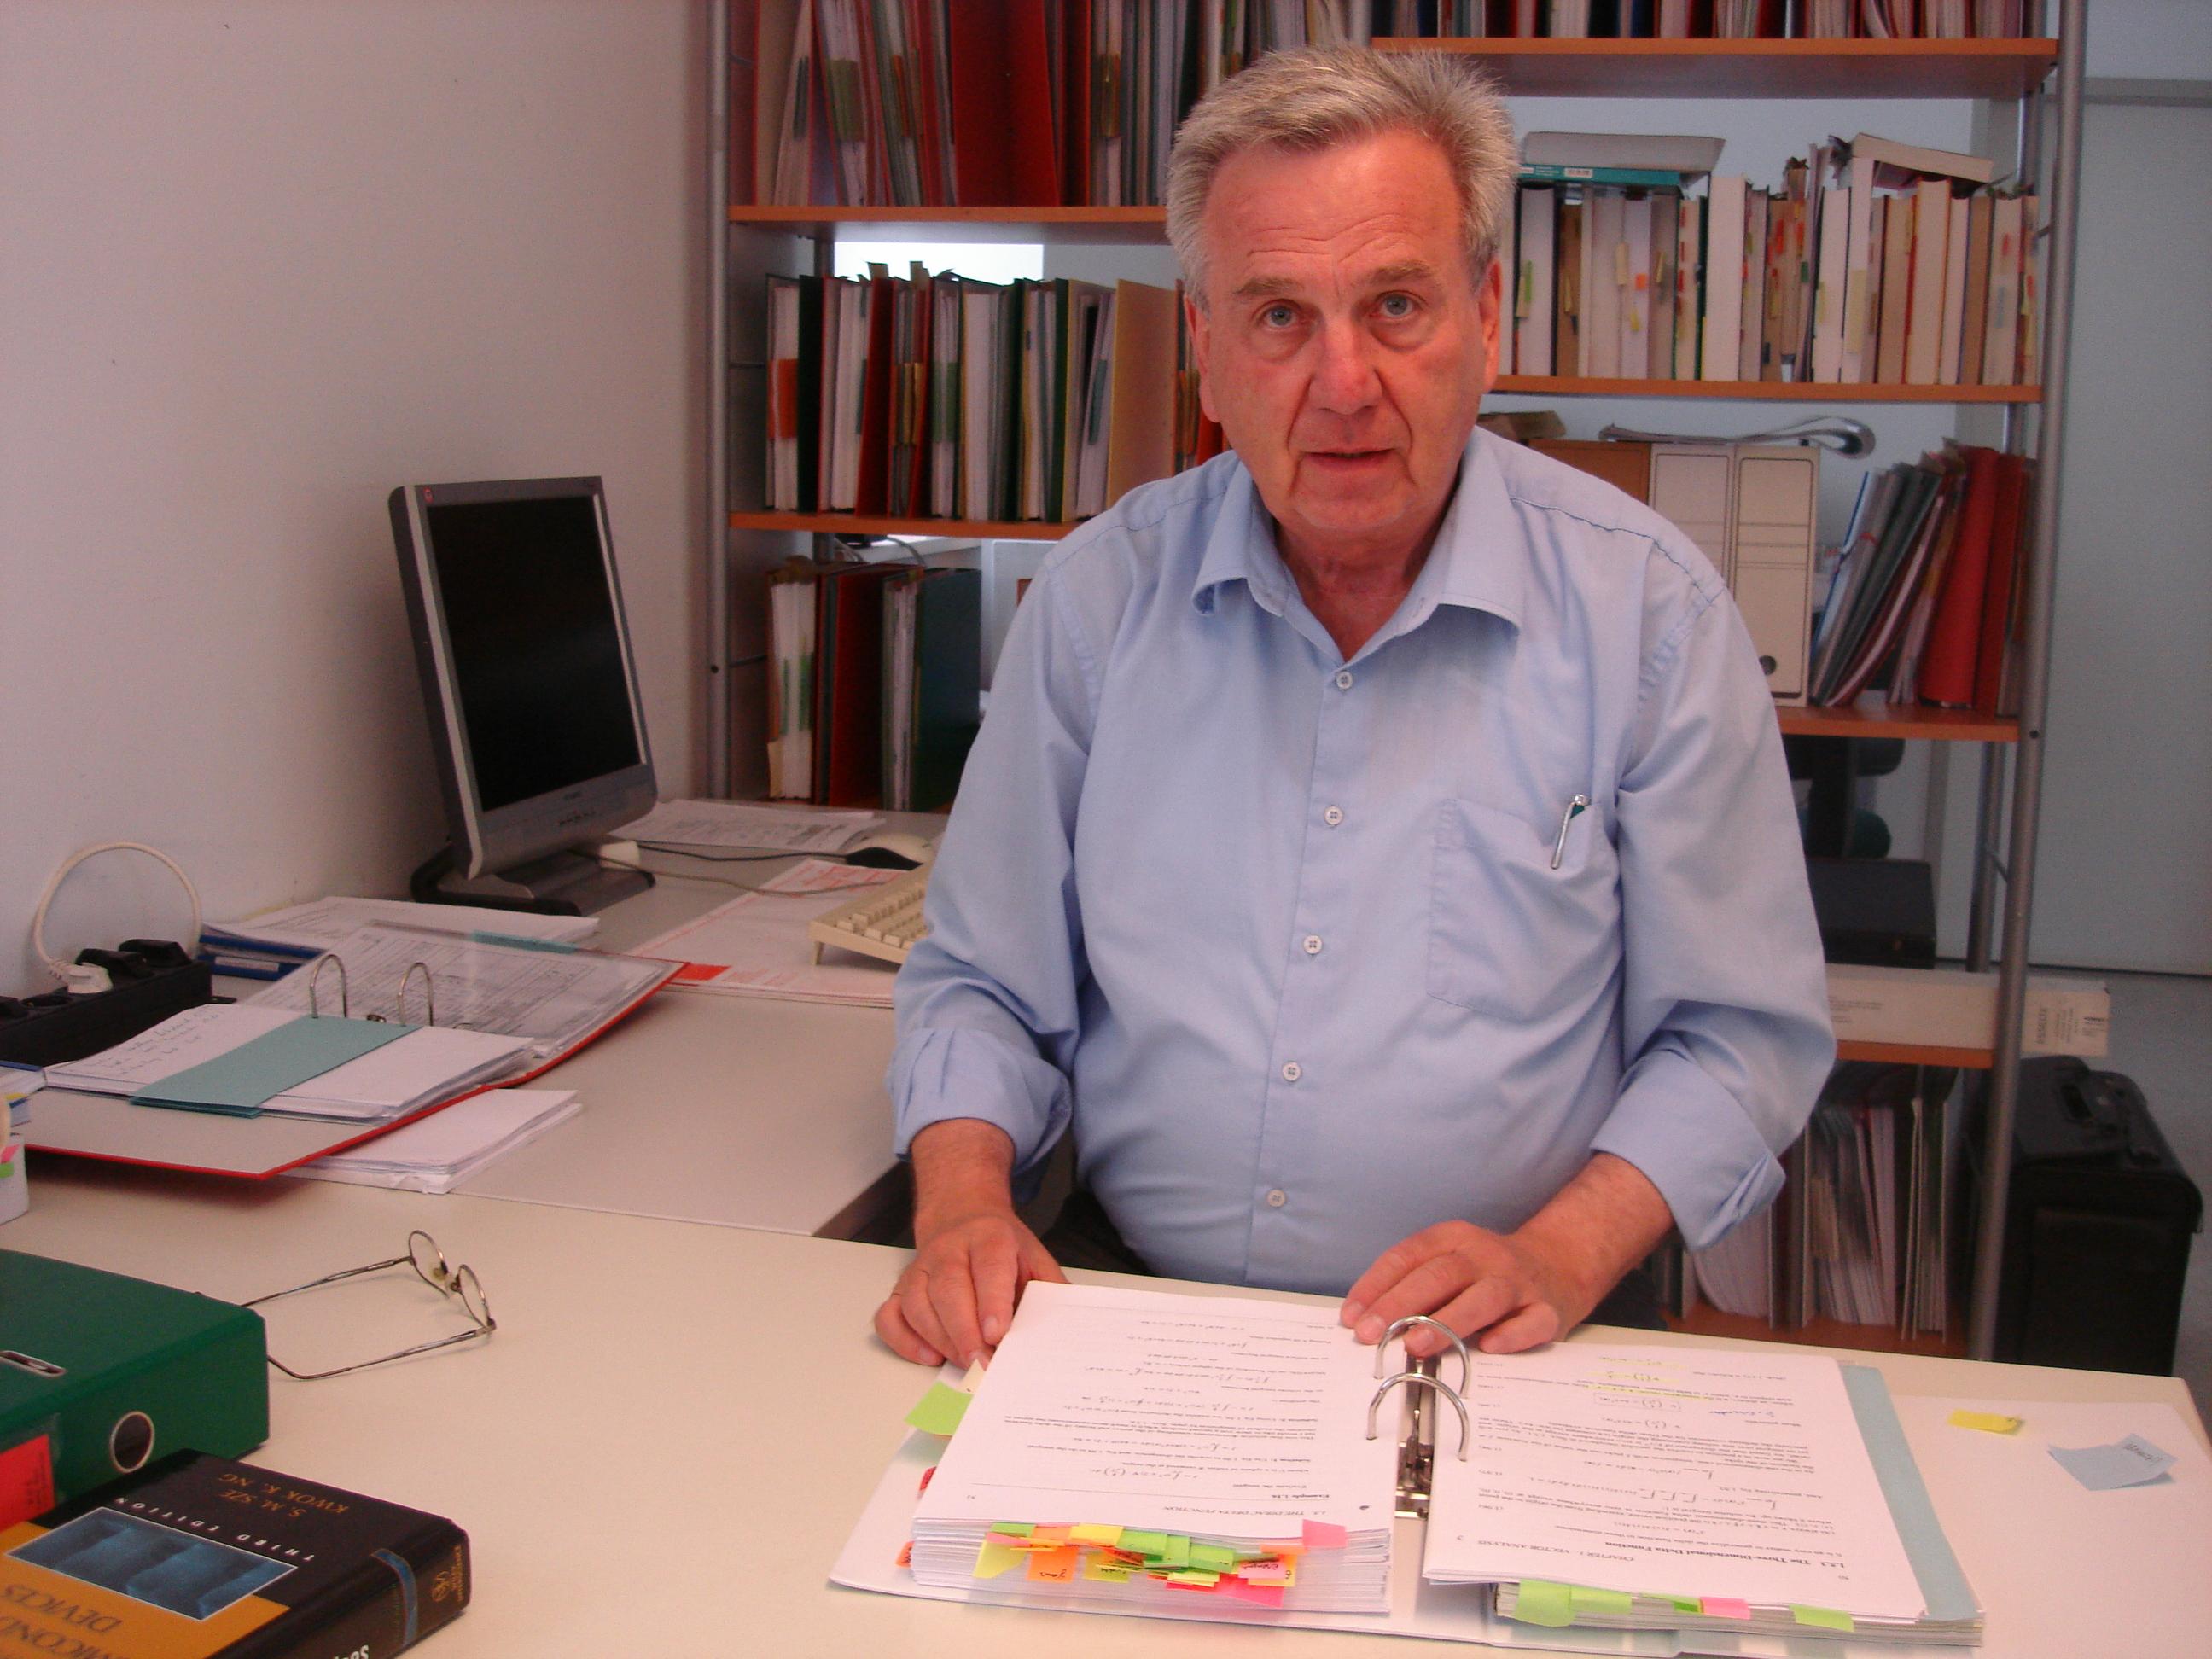 Dr. Karl-Heinz Gresslehner photo